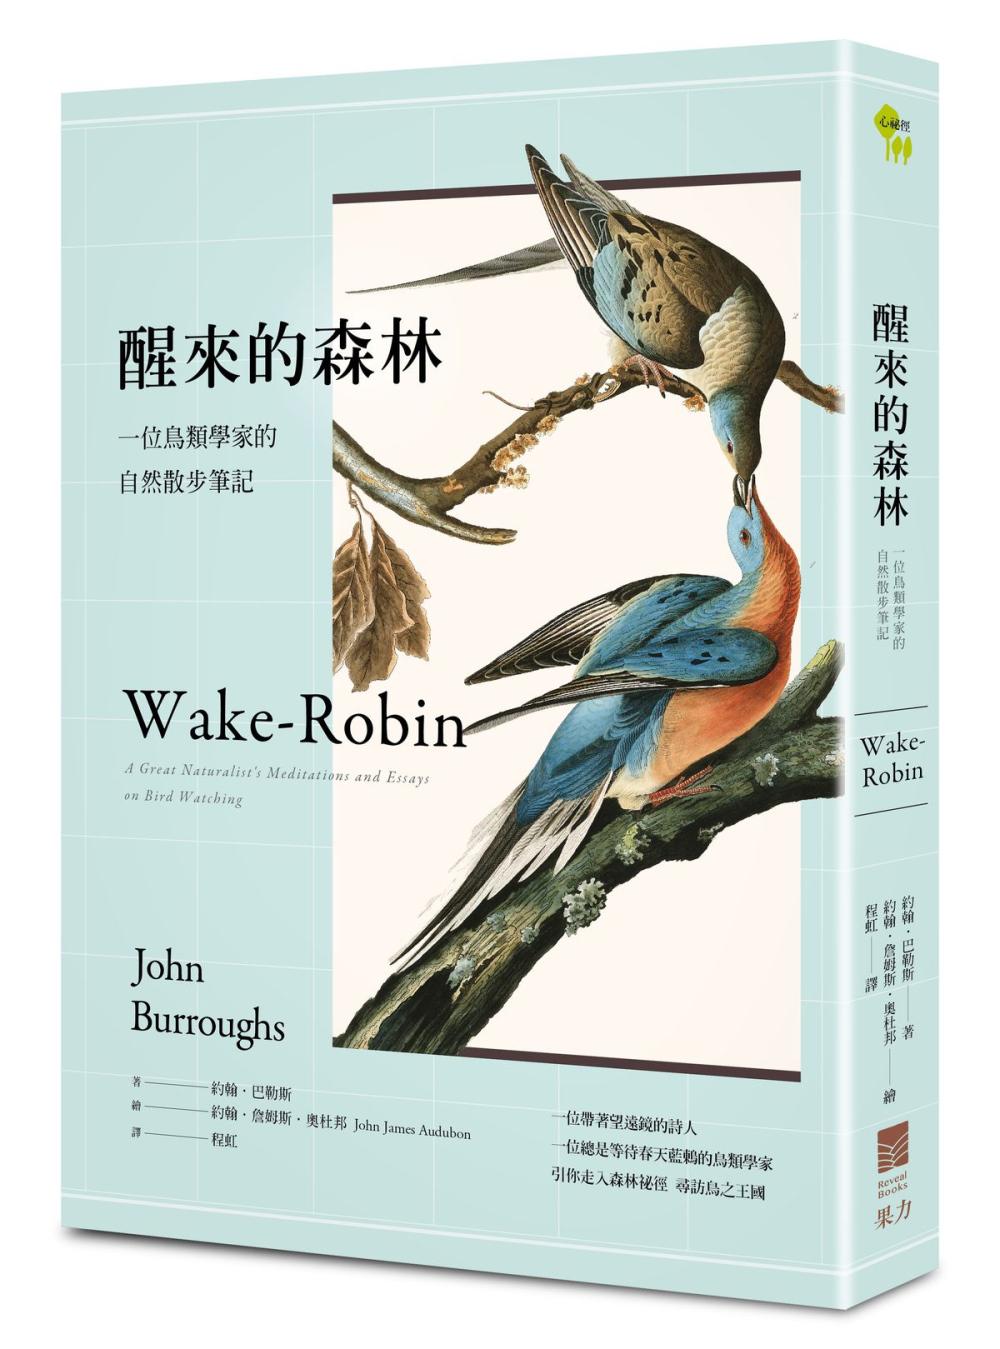 醒來的森林:一位鳥類學家的自然散步筆記